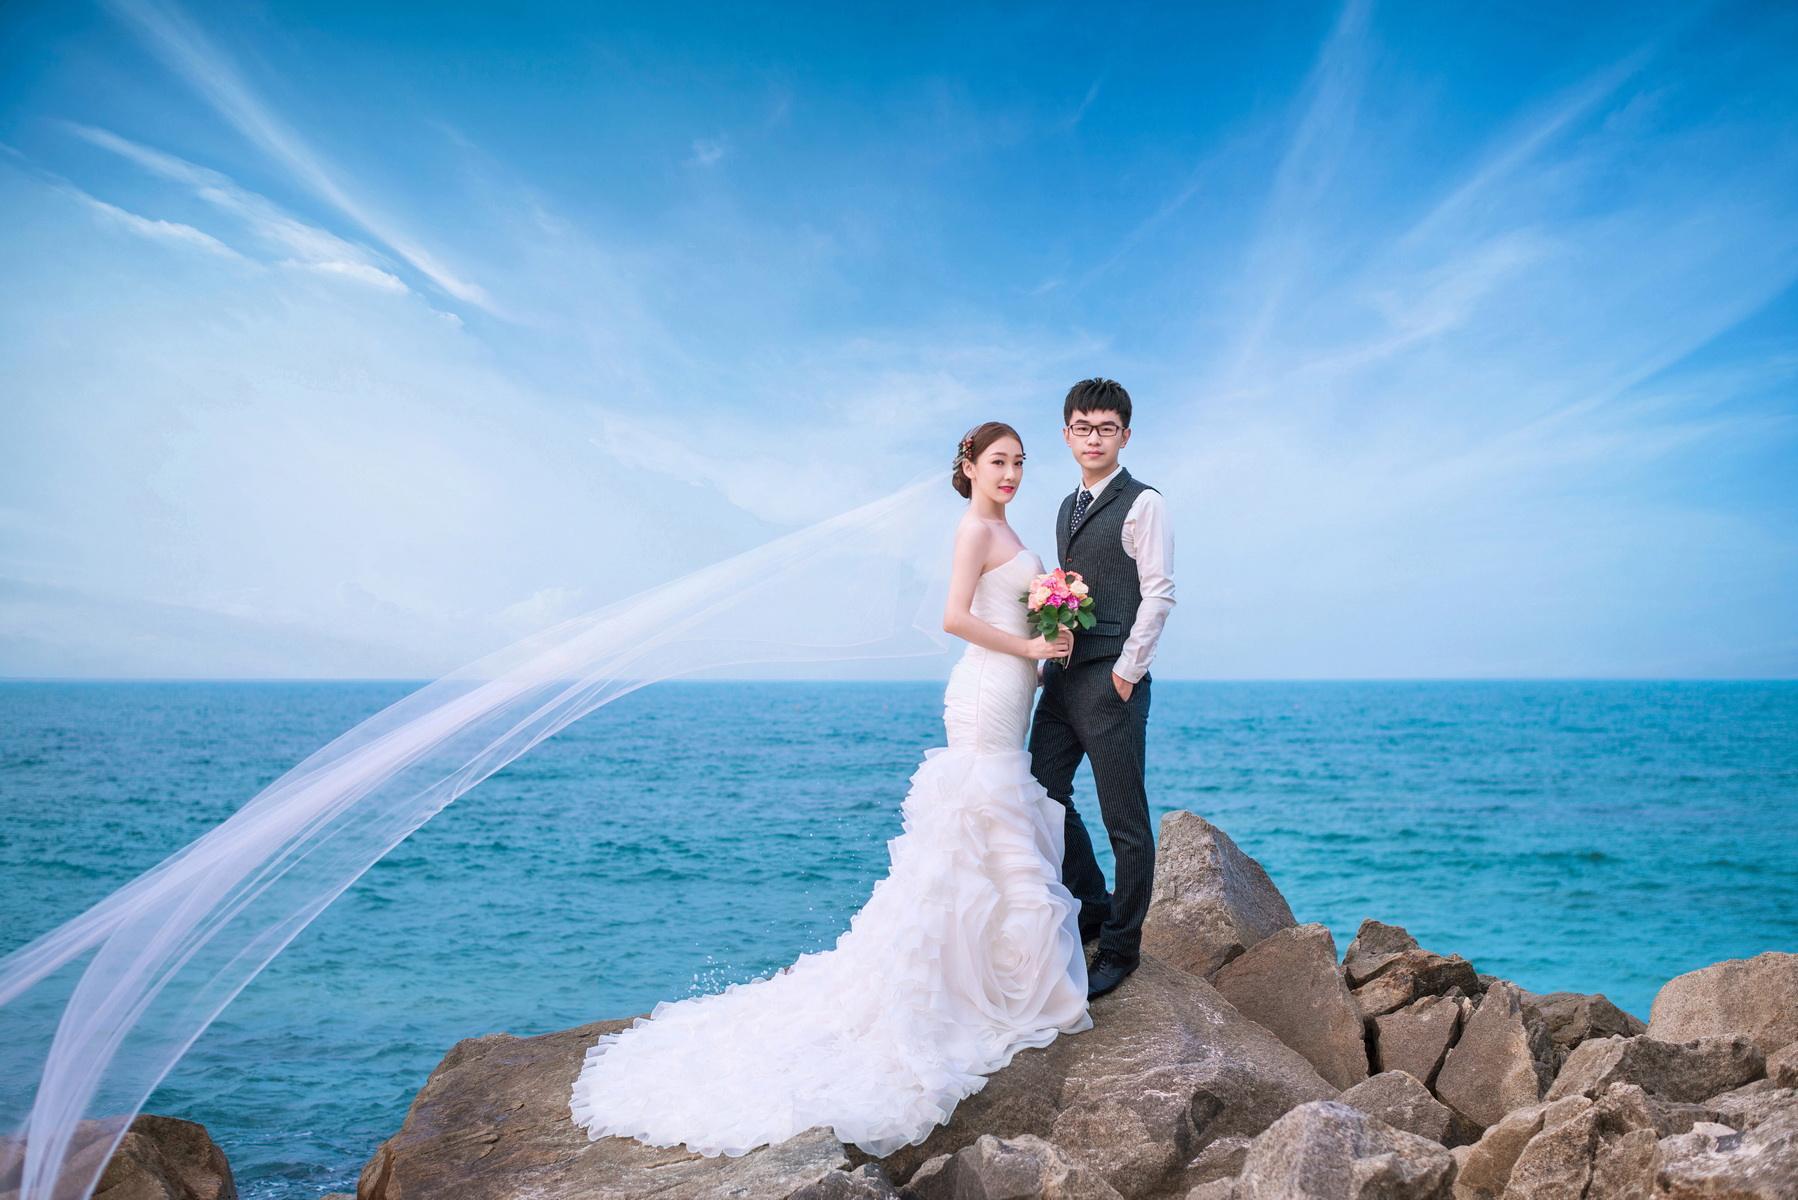 海南三亚拍婚纱照_海南三亚拍婚纱照景点